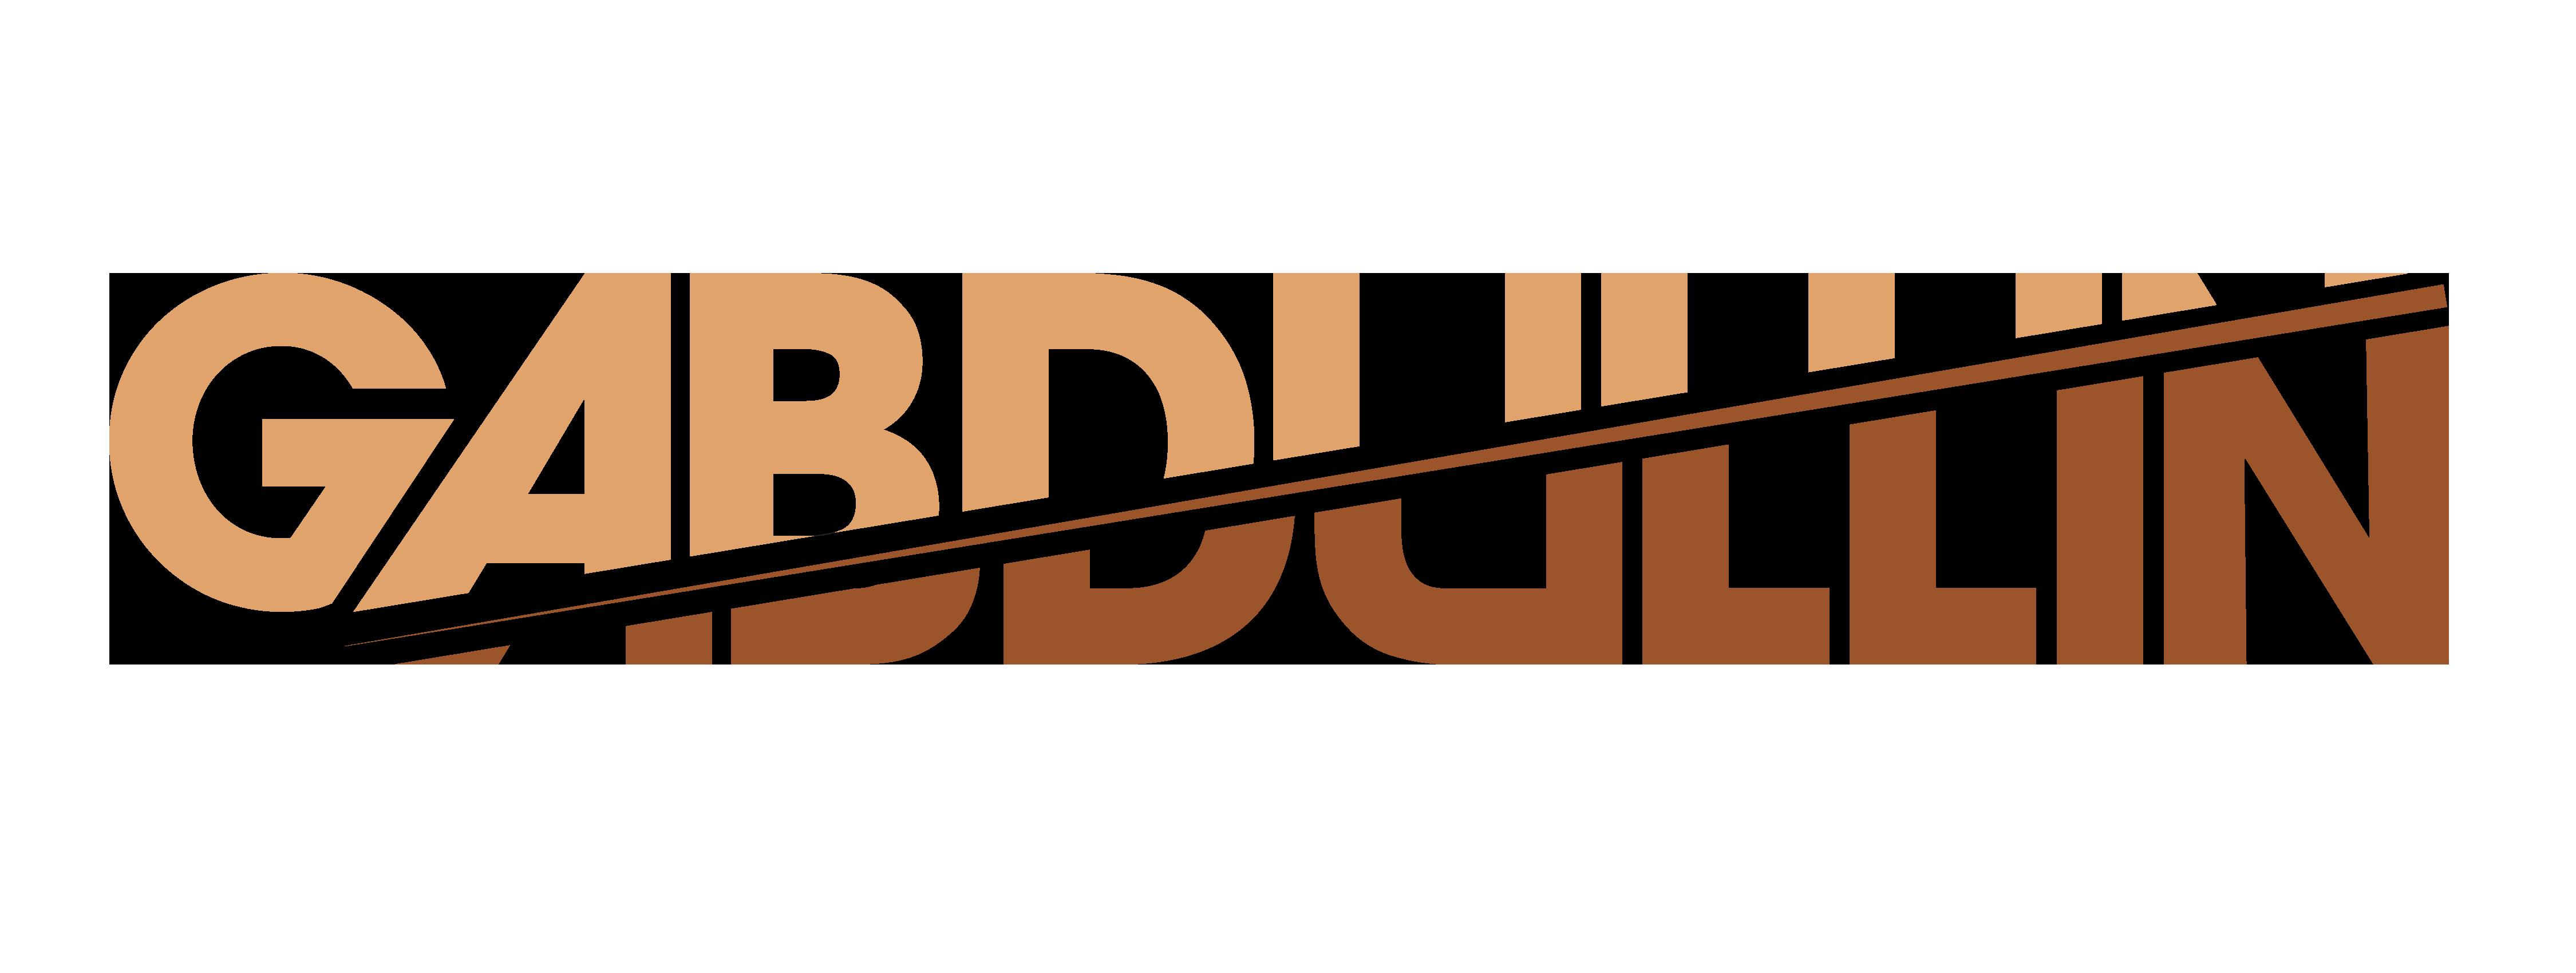 Gabdullin.com